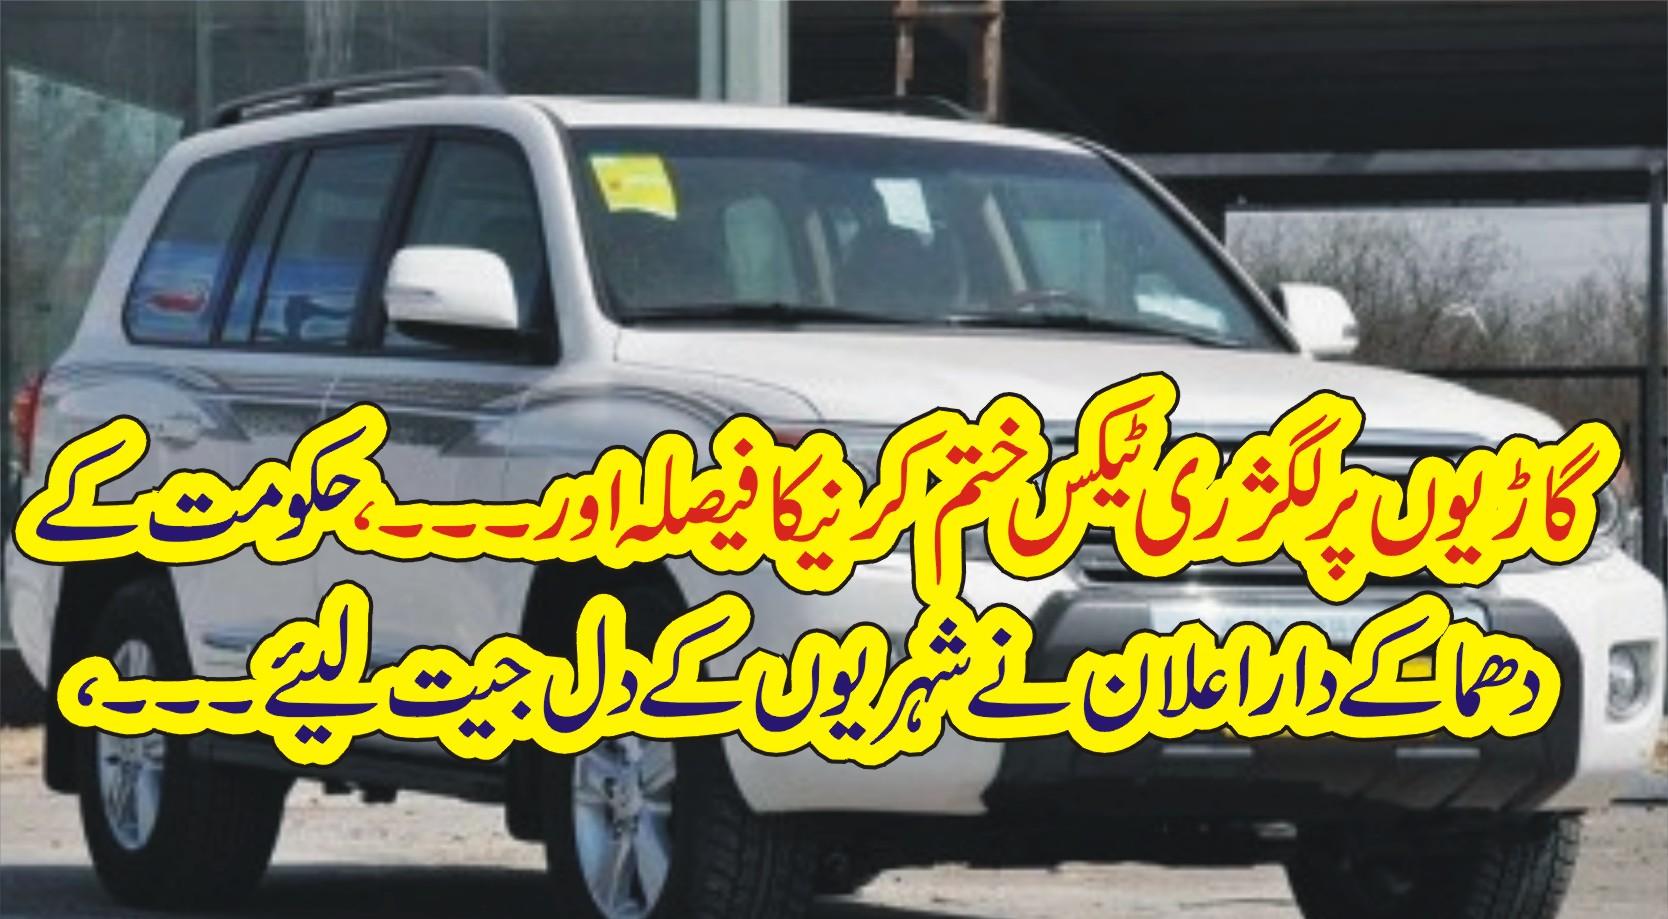 گاڑیوں پر لگژری ٹیکس ختم کرنے کا  فیصلہ اور۔۔۔ ،پاکستان حکومت کے دھماکے دار اعلان نے شہریوں کے دل جیت لیئے۔۔۔